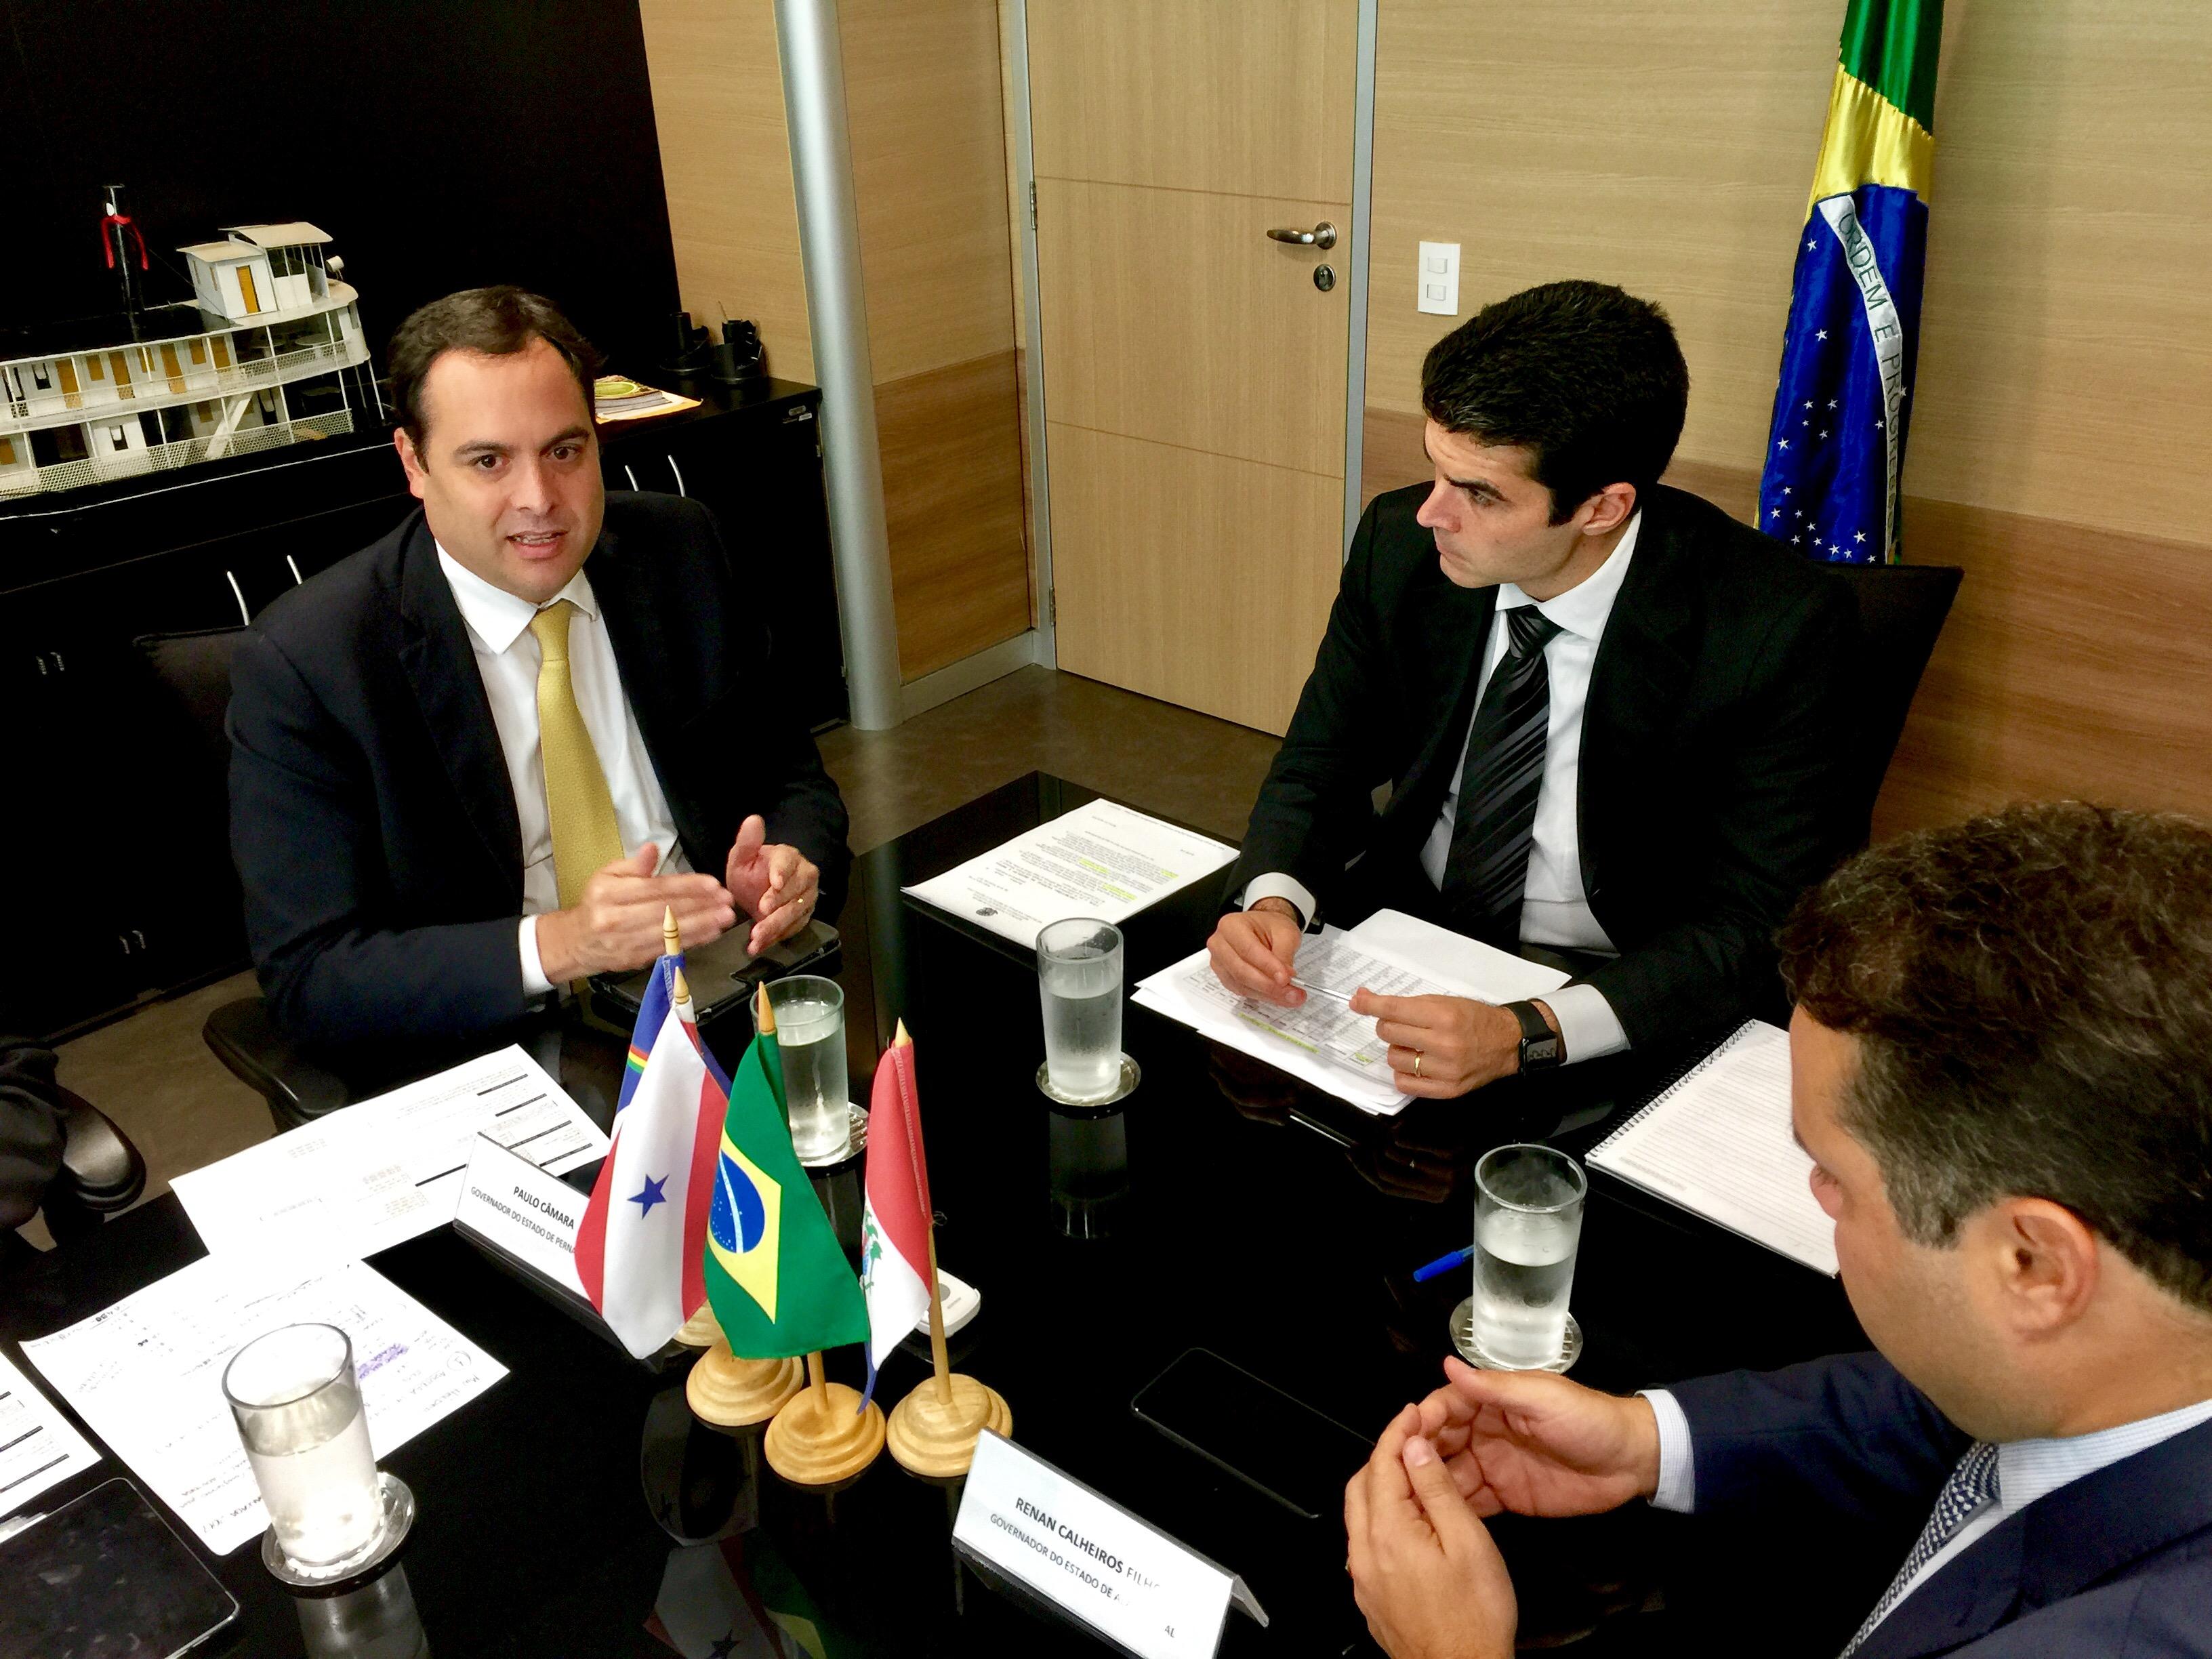 PE / AL: Paulo Câmara solicita liberação imediata de R$ 20,5 milhões e acerta reunião com Temer para conclusão de barragens | Governo de Pernambuco